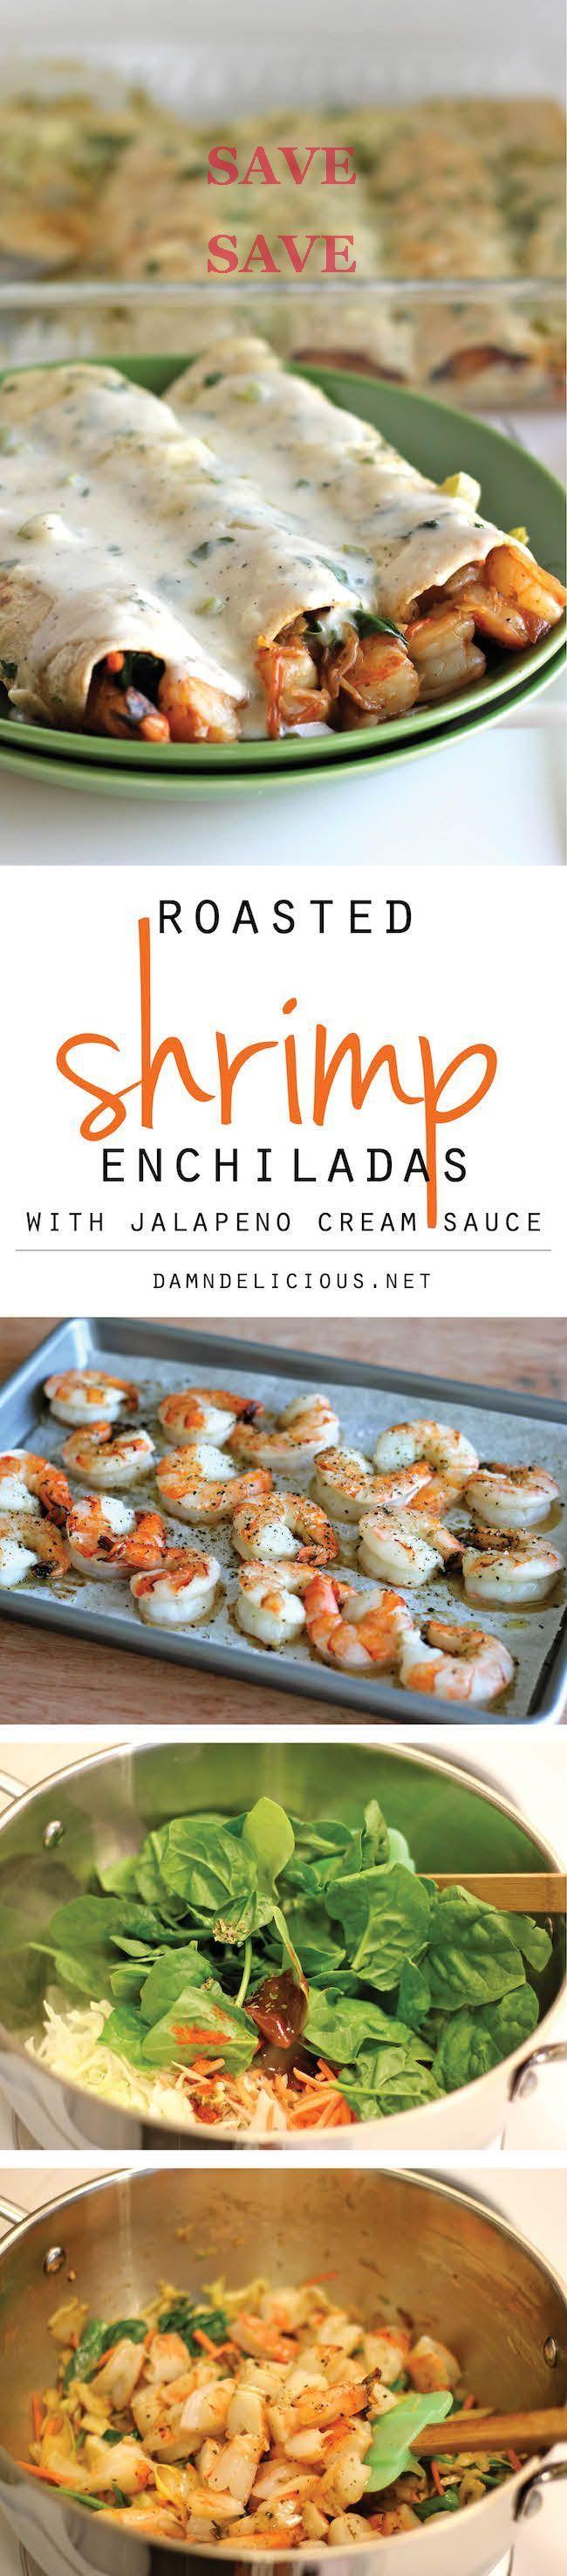 Roasted Shrimp Enchiladas with Jalapeño Cream Sauce _ Smothered in a rich, jalapeño cream sauce, how can you resist?!  @ICookUEat